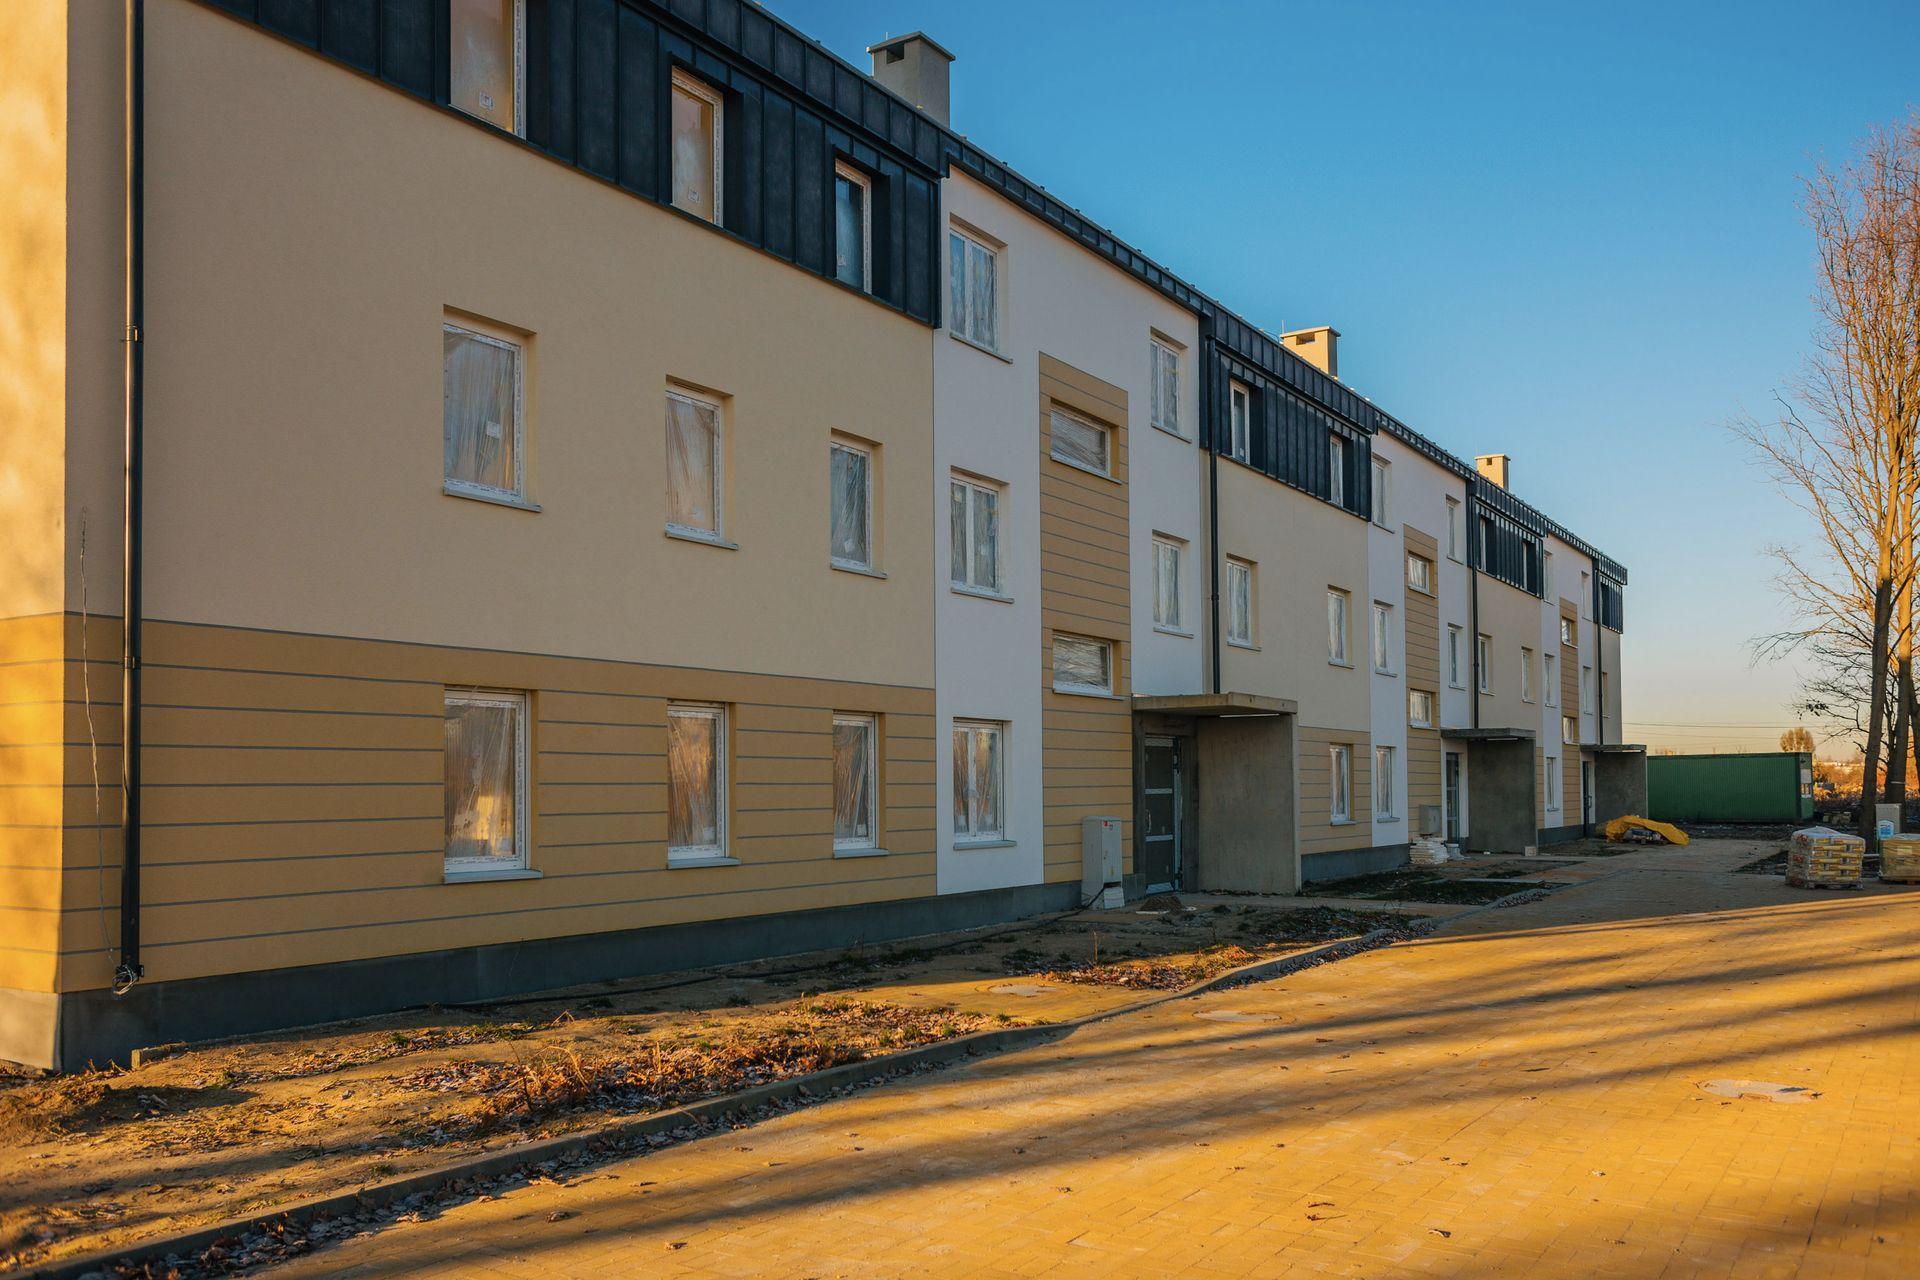 [Wrocław] Mieszkaj kameralnie, bezpiecznie i wygodnie. Osiedle Na Ustroniu prawie gotowe